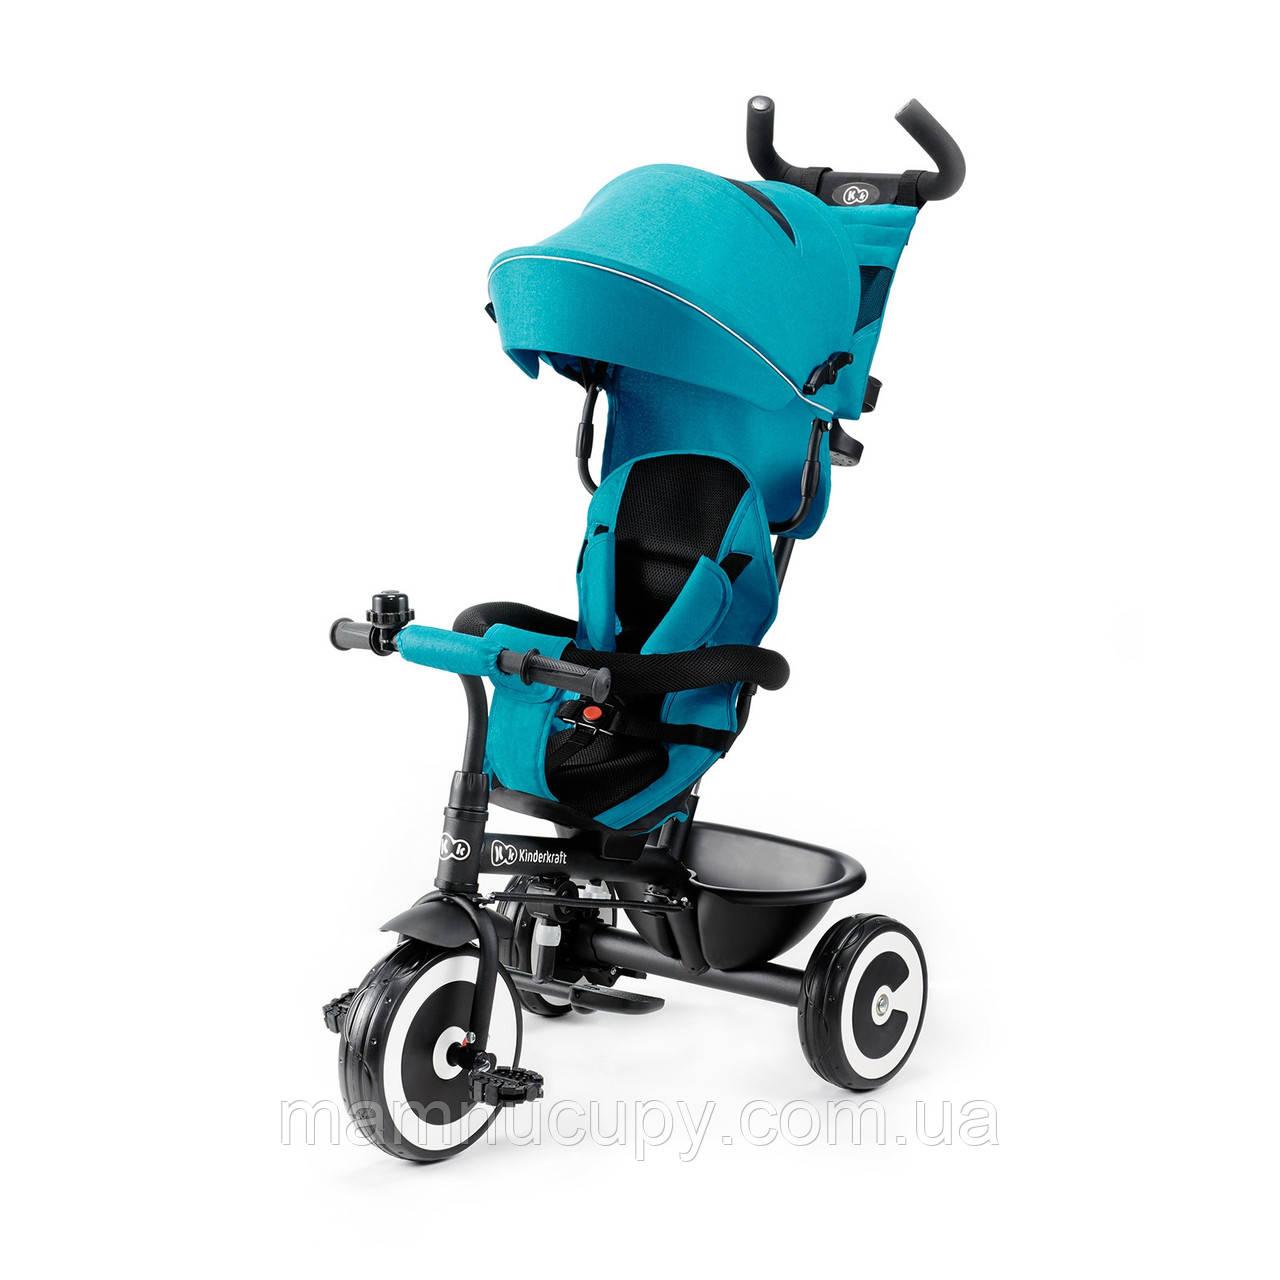 Детский трехколесный велосипед Kinderkraft Aston Turquoise Turkus (Киндеркрафт Астон)